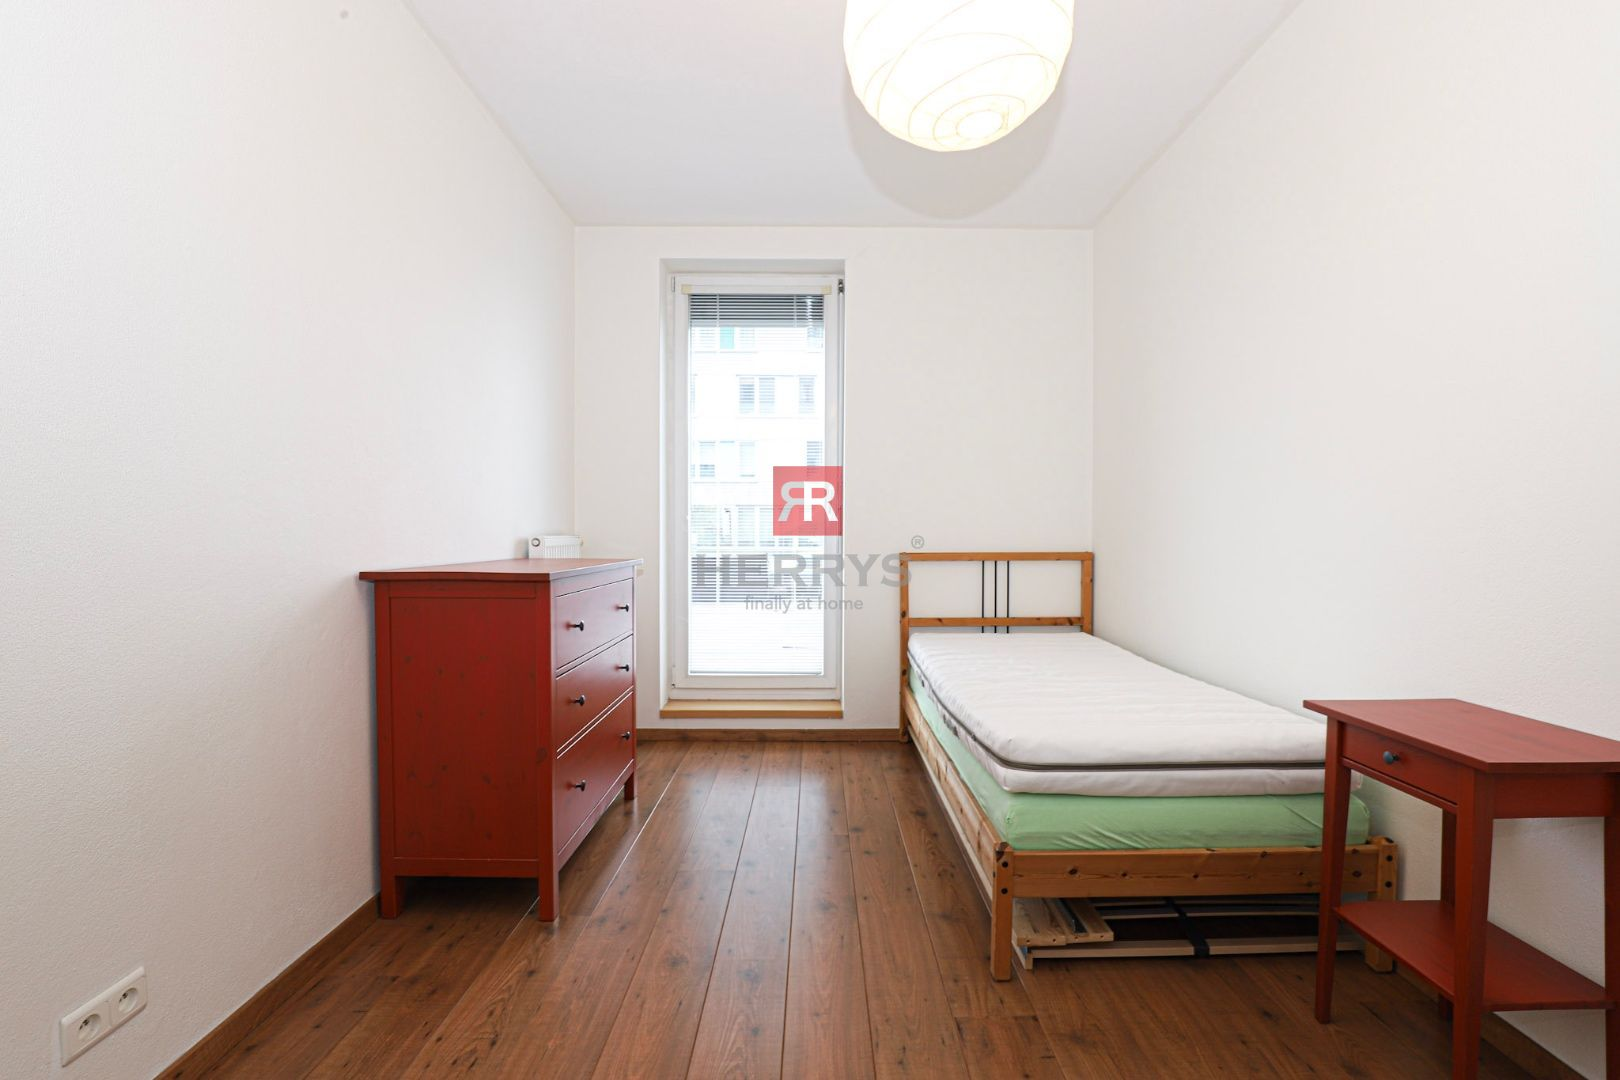 HERRYS - Na prenájom pekný 3 izbový byt s veľkou terasou v projekte Octopus v Ružinove